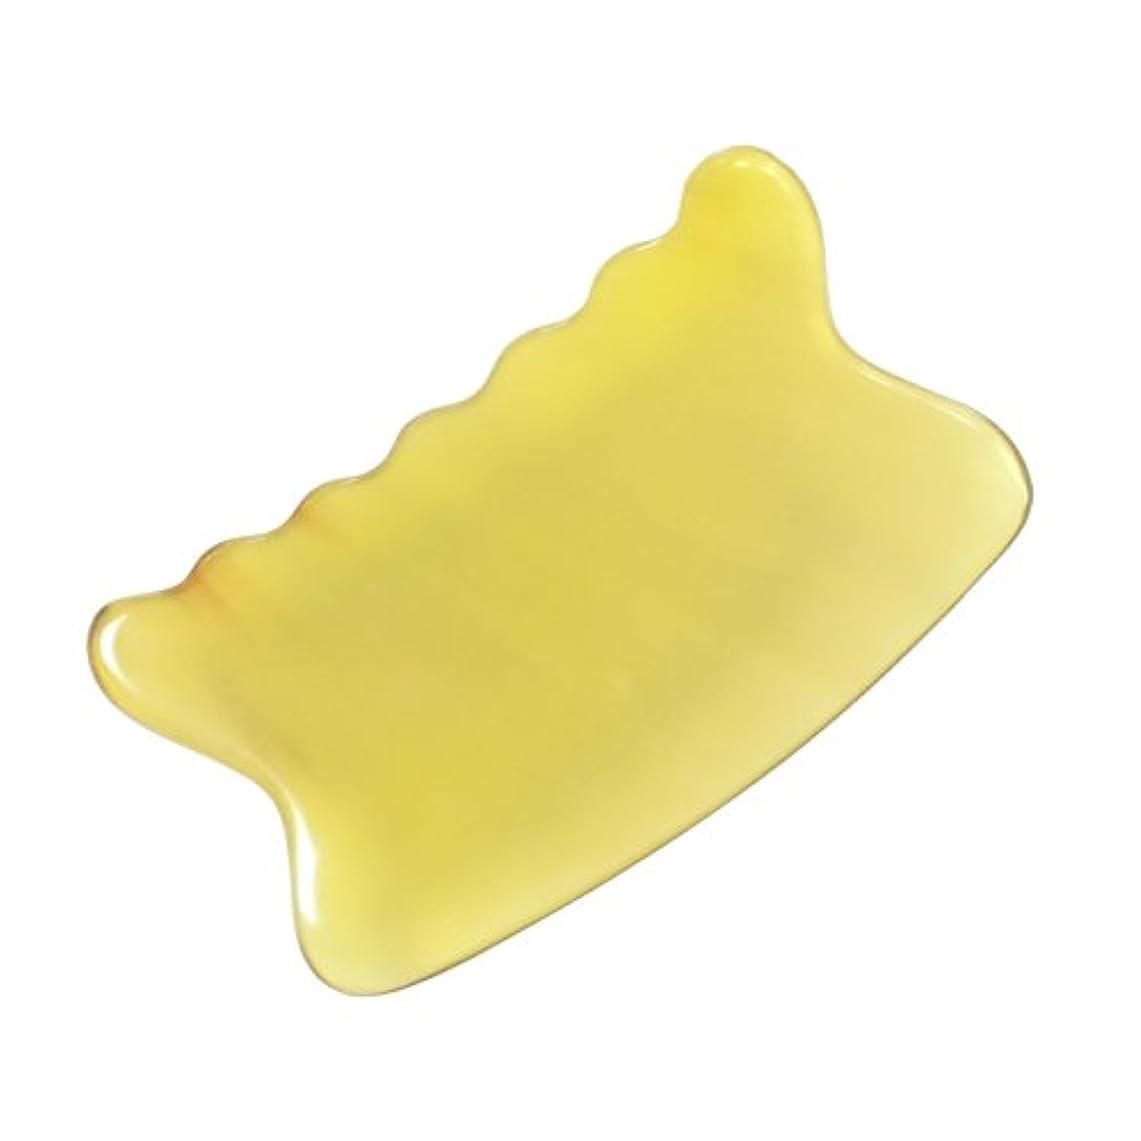 実質的にギャングスター韓国かっさ プレート 希少63 黄水牛角 極美品 曲波型